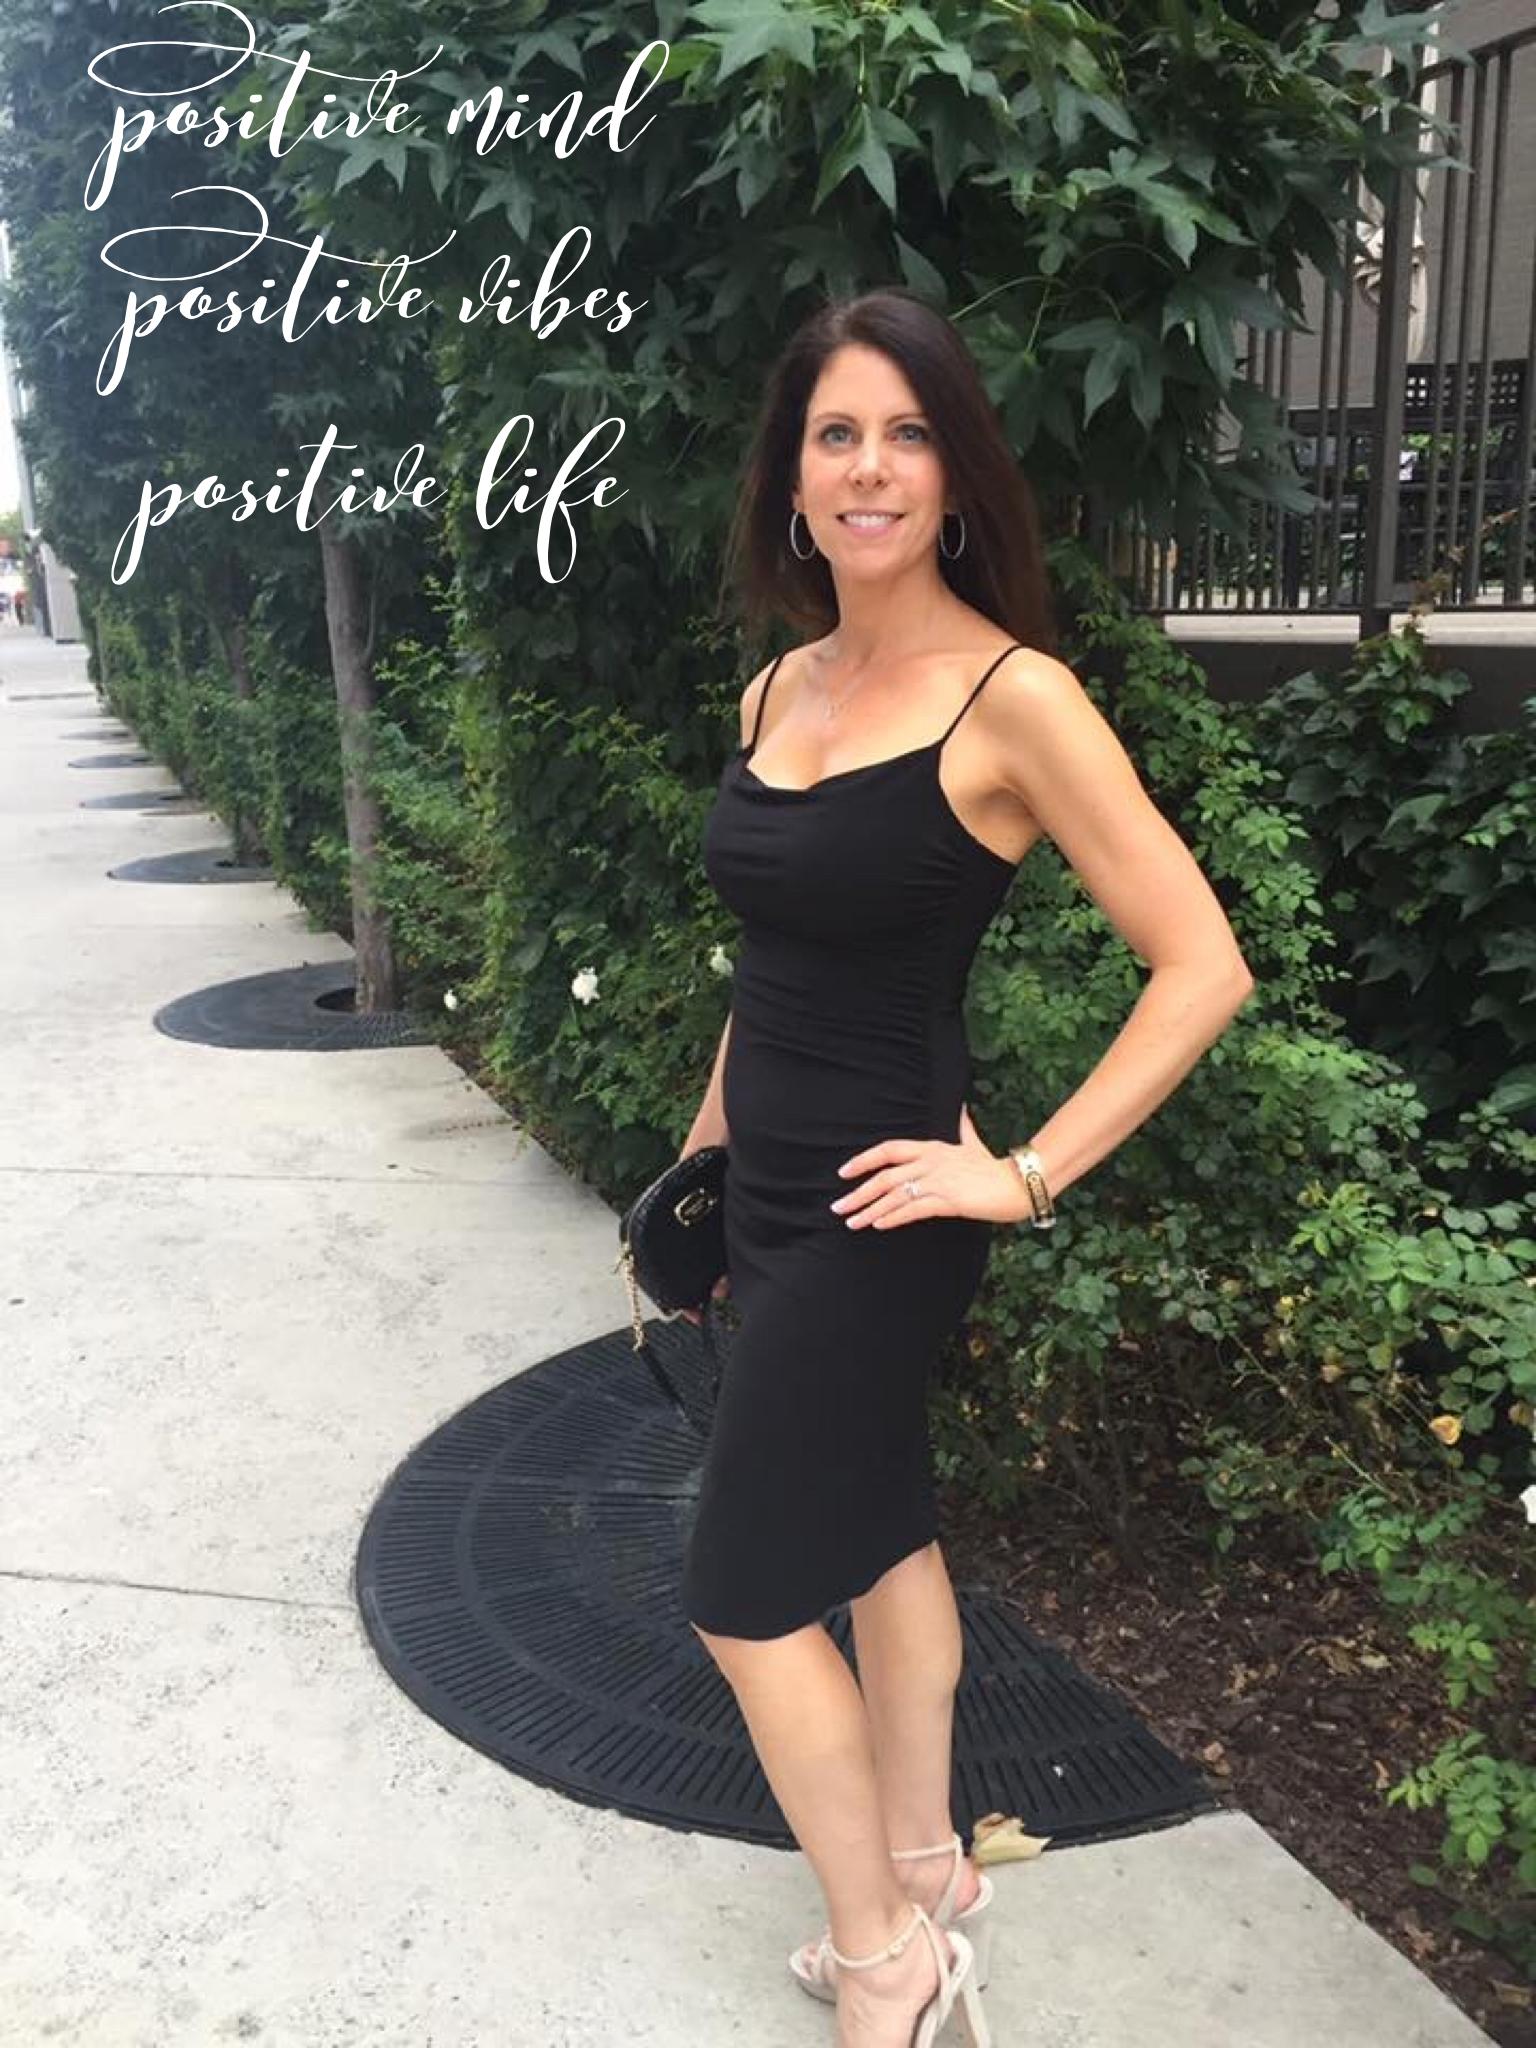 Christine Plaskett Helping Women